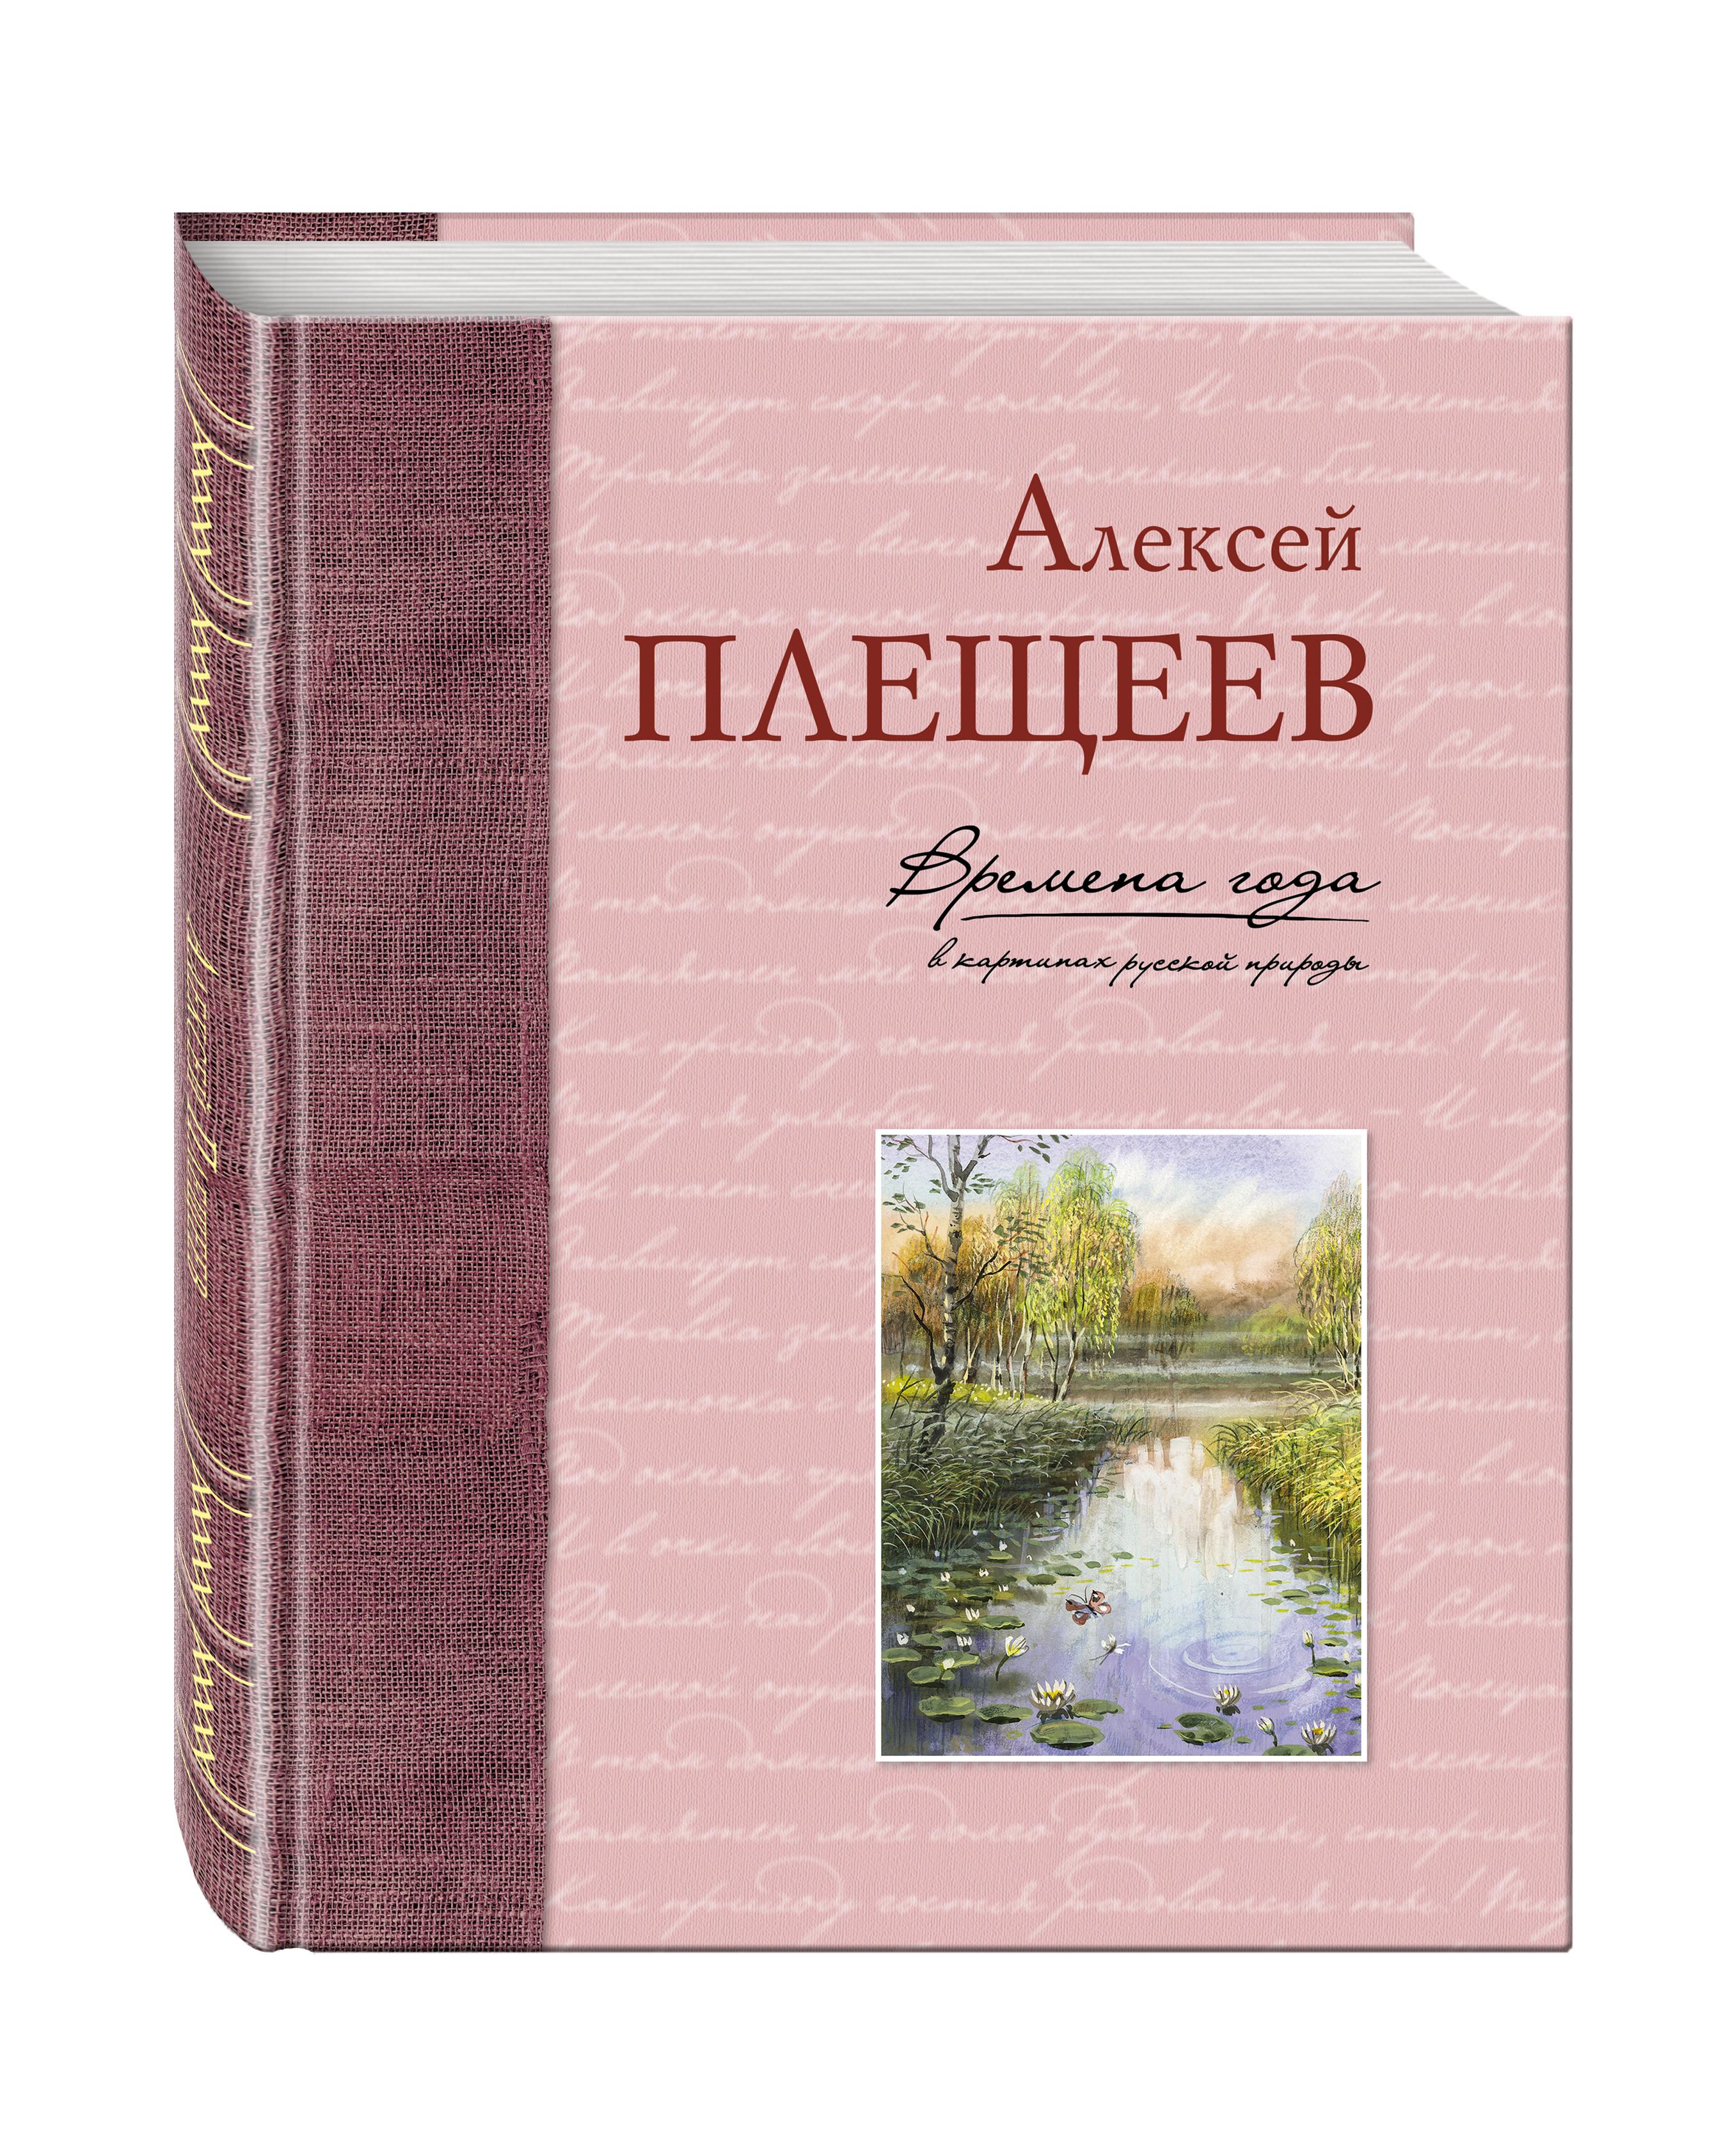 Плещеев А.Н. Времена года в картинах русской природы